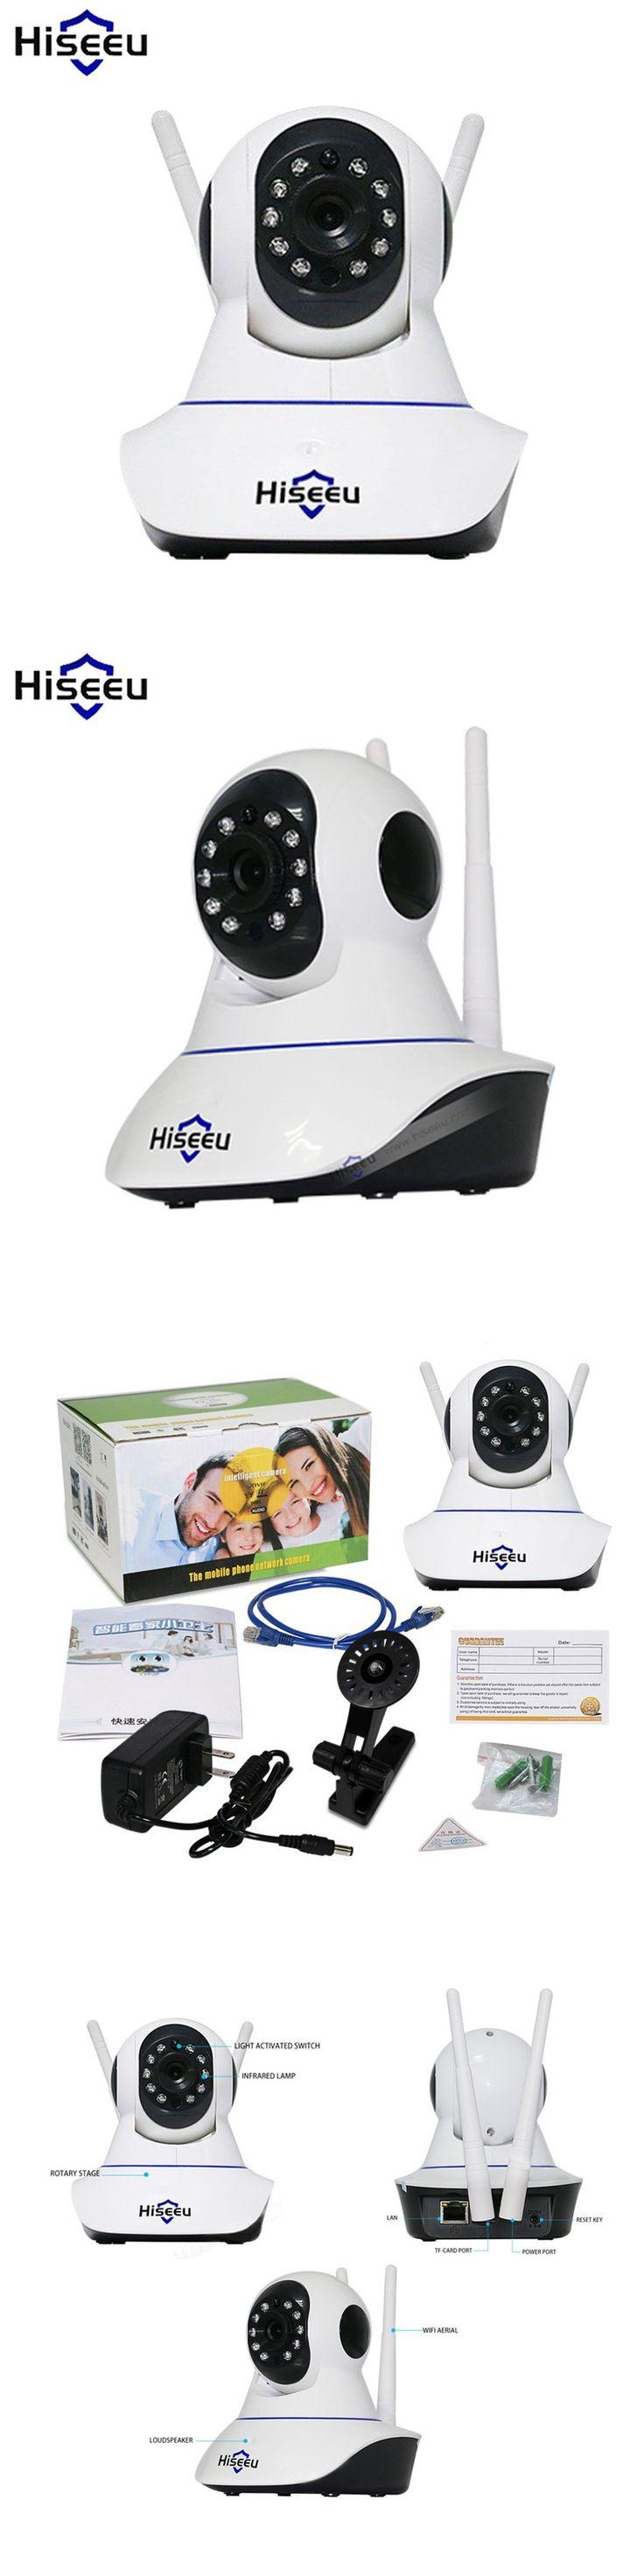 Hiseeu HD 960P Camara De Vigilancia IP Network Wireless Endoscopio Night Vision Camaras De Seguridad Baby Monitor Dropshipping